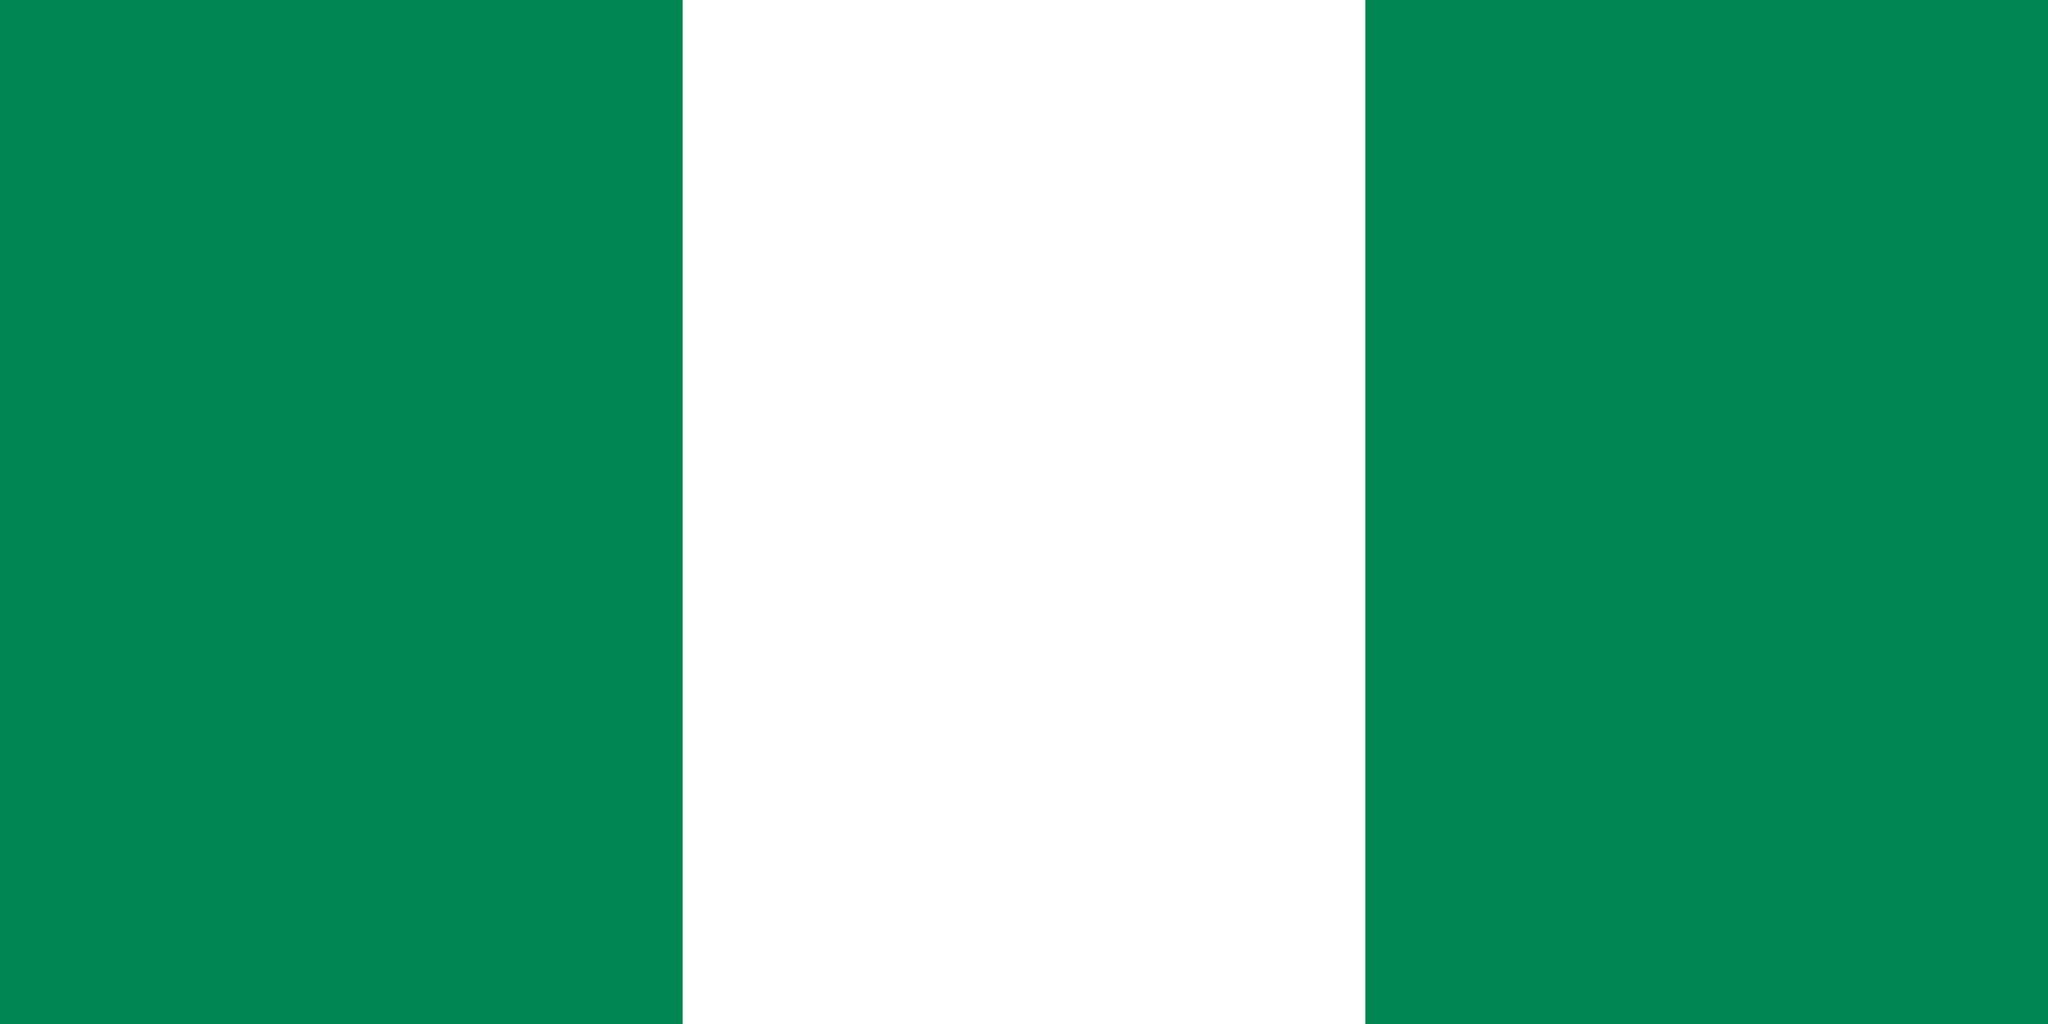 Assez Drapeau du Nigeria, Drapeaux du pays Nigeria DT22